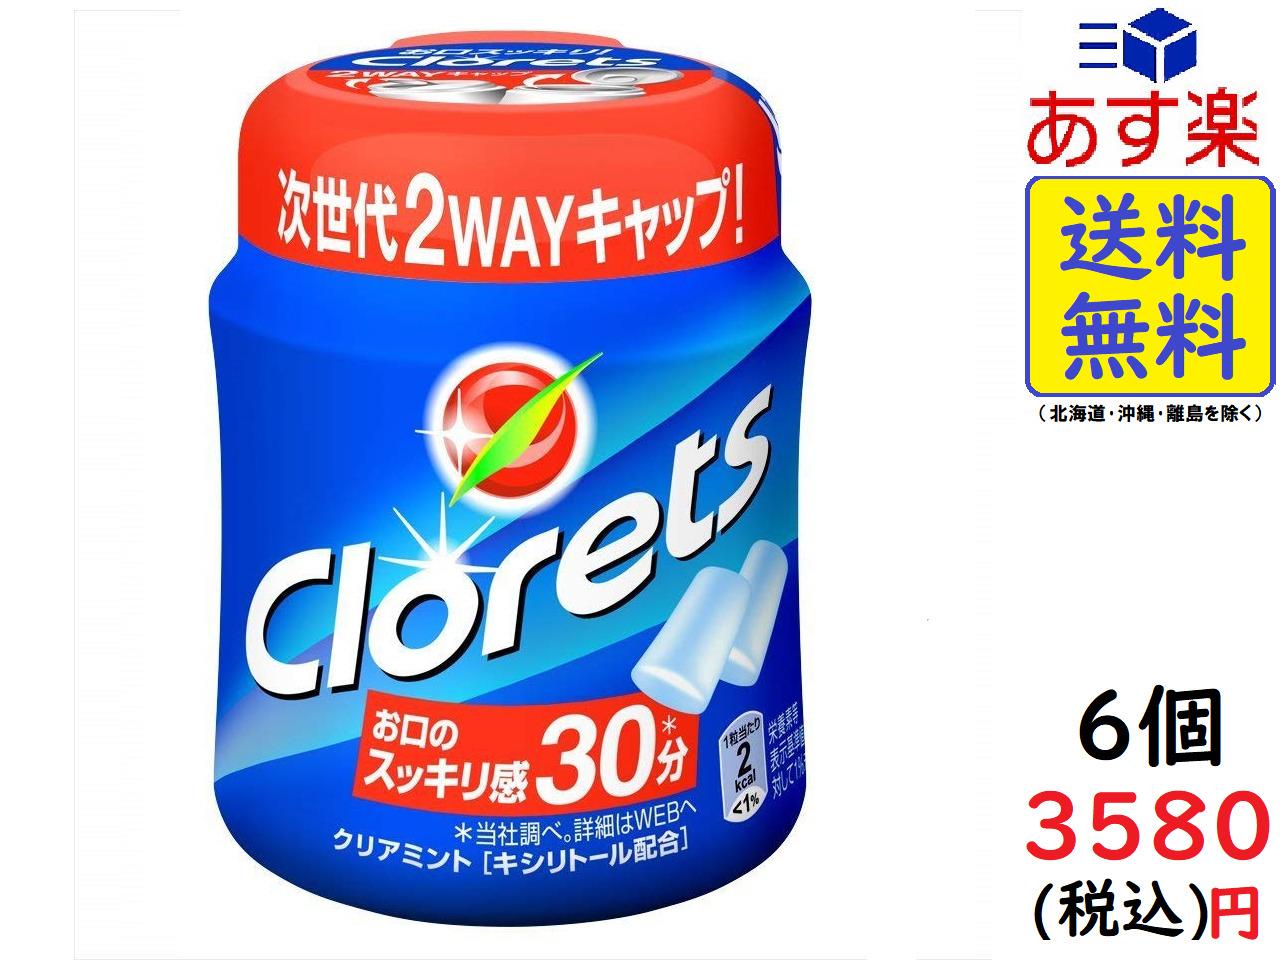 送料無料 あす楽対応 モンデリーズ ジャパン クロレッツ XP ボトルR セール品 ×6個 140g クリアミント 好評 粒ガム